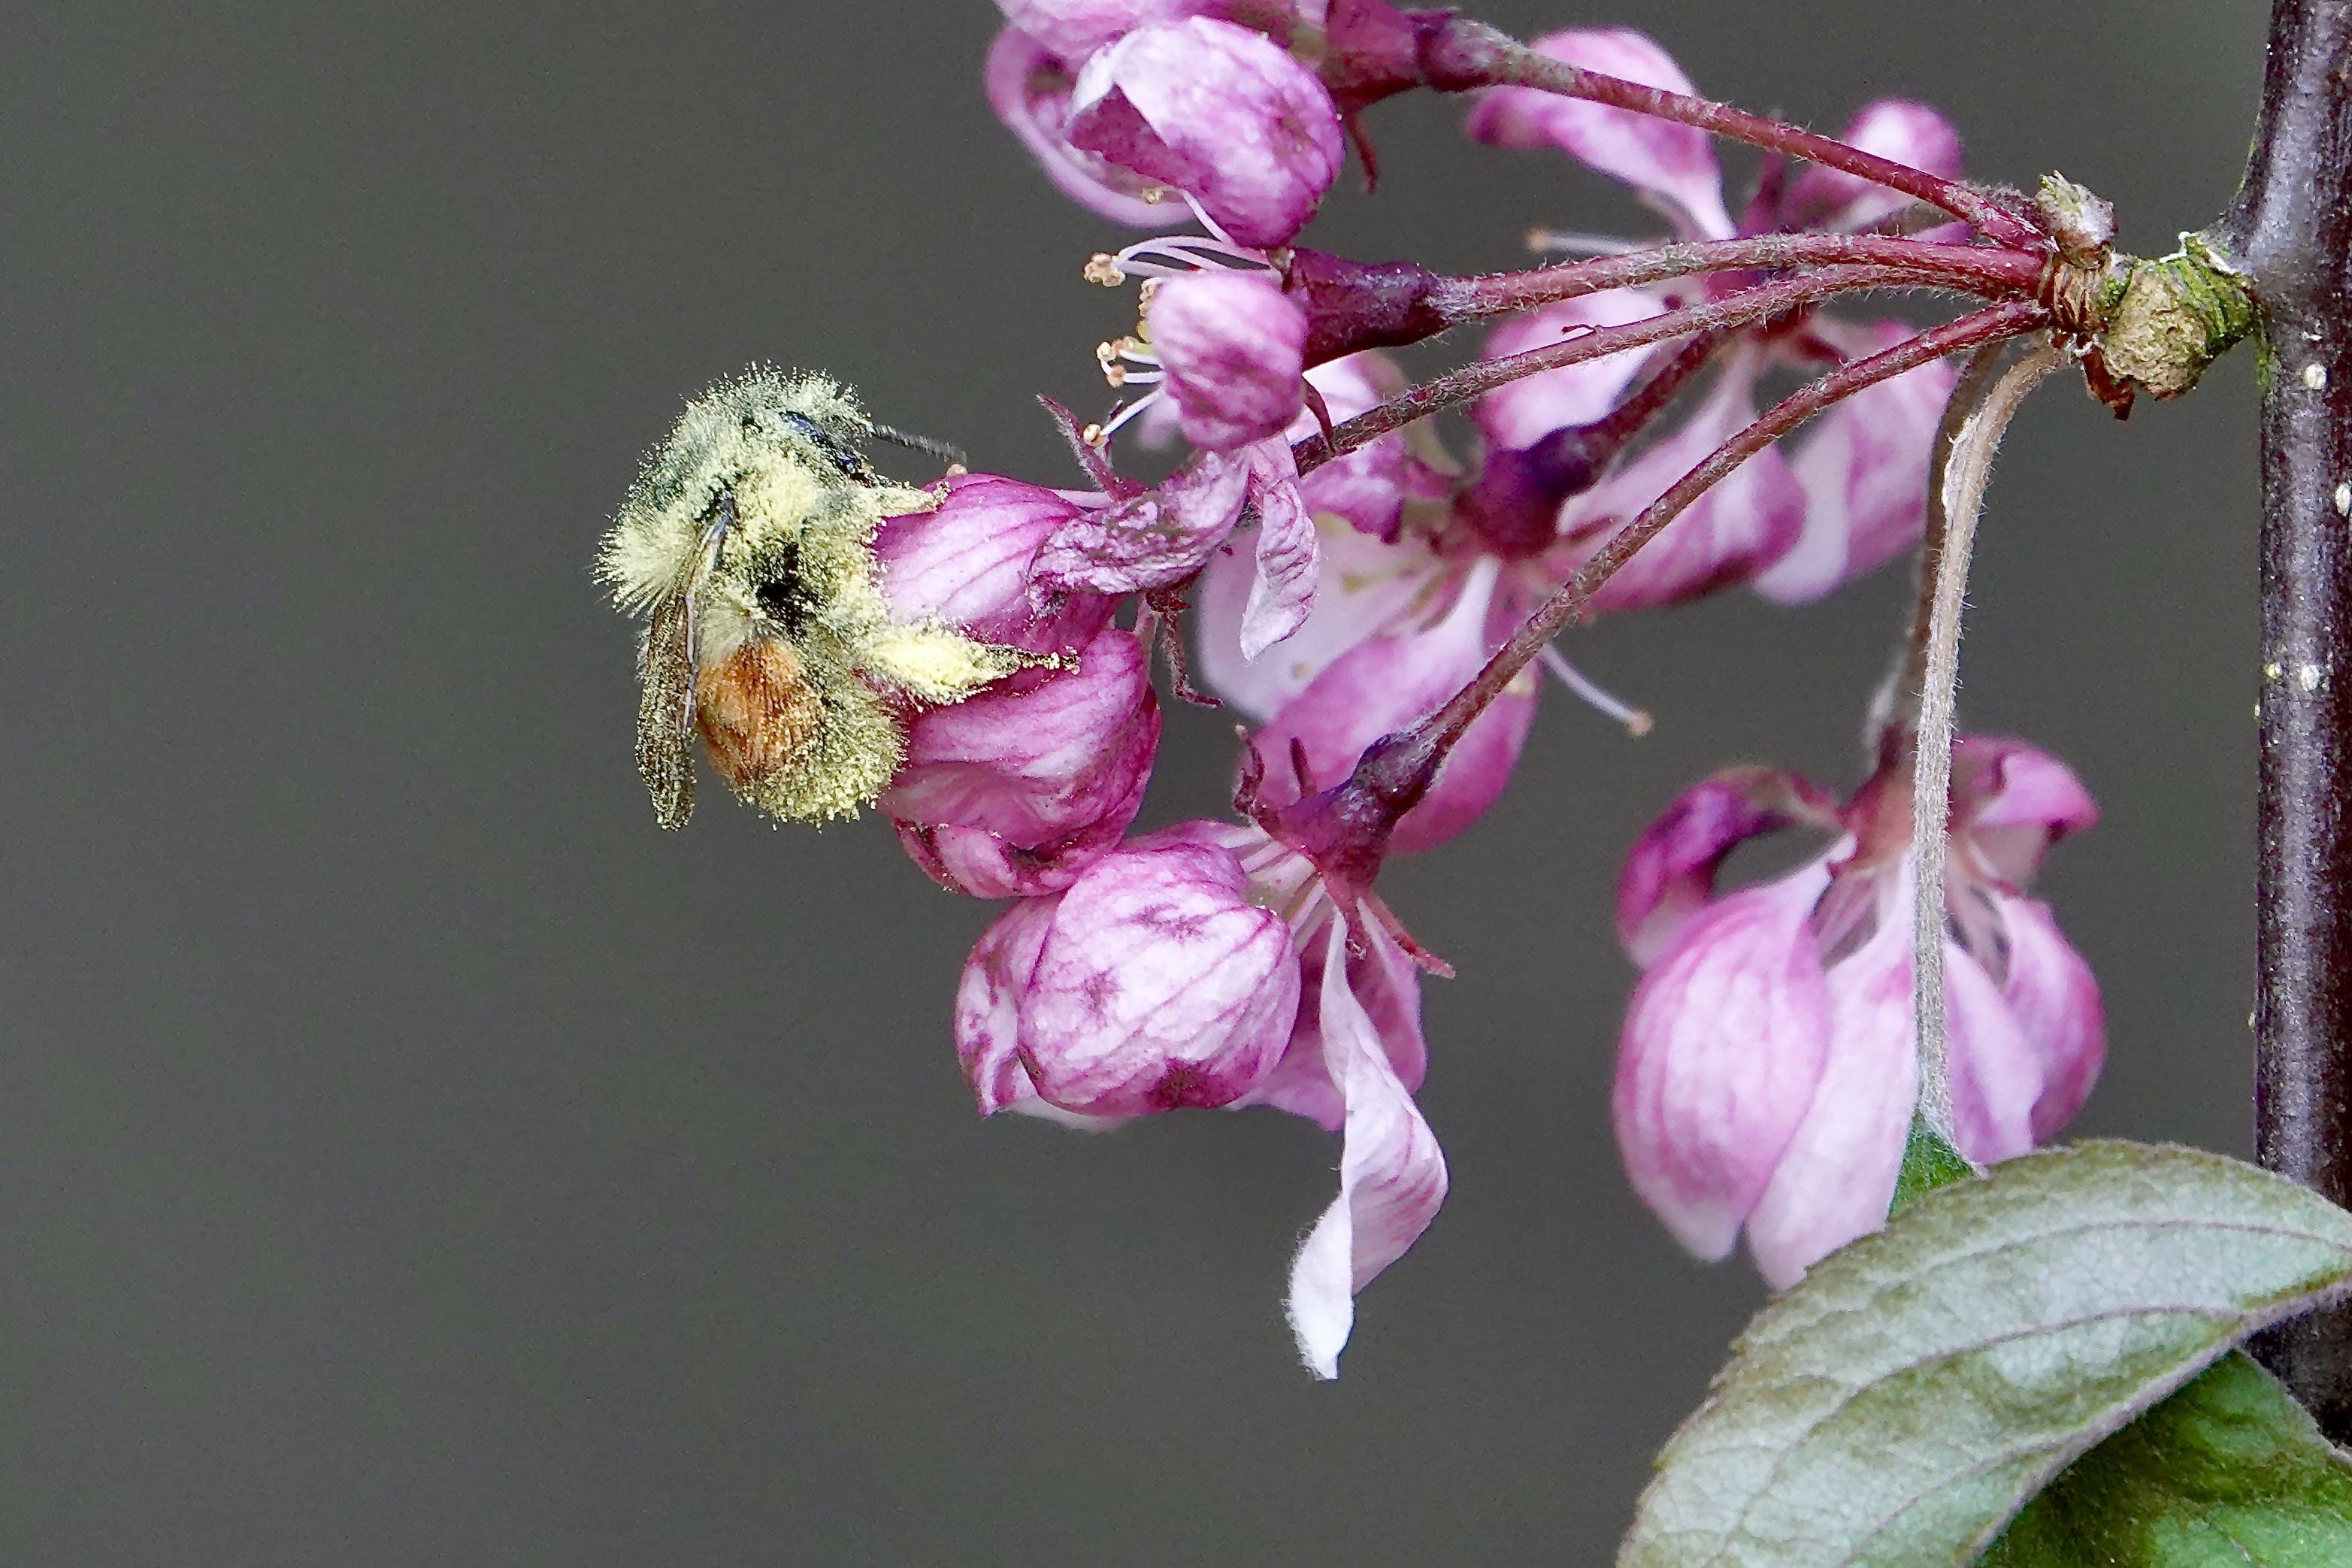 Ball of pollen